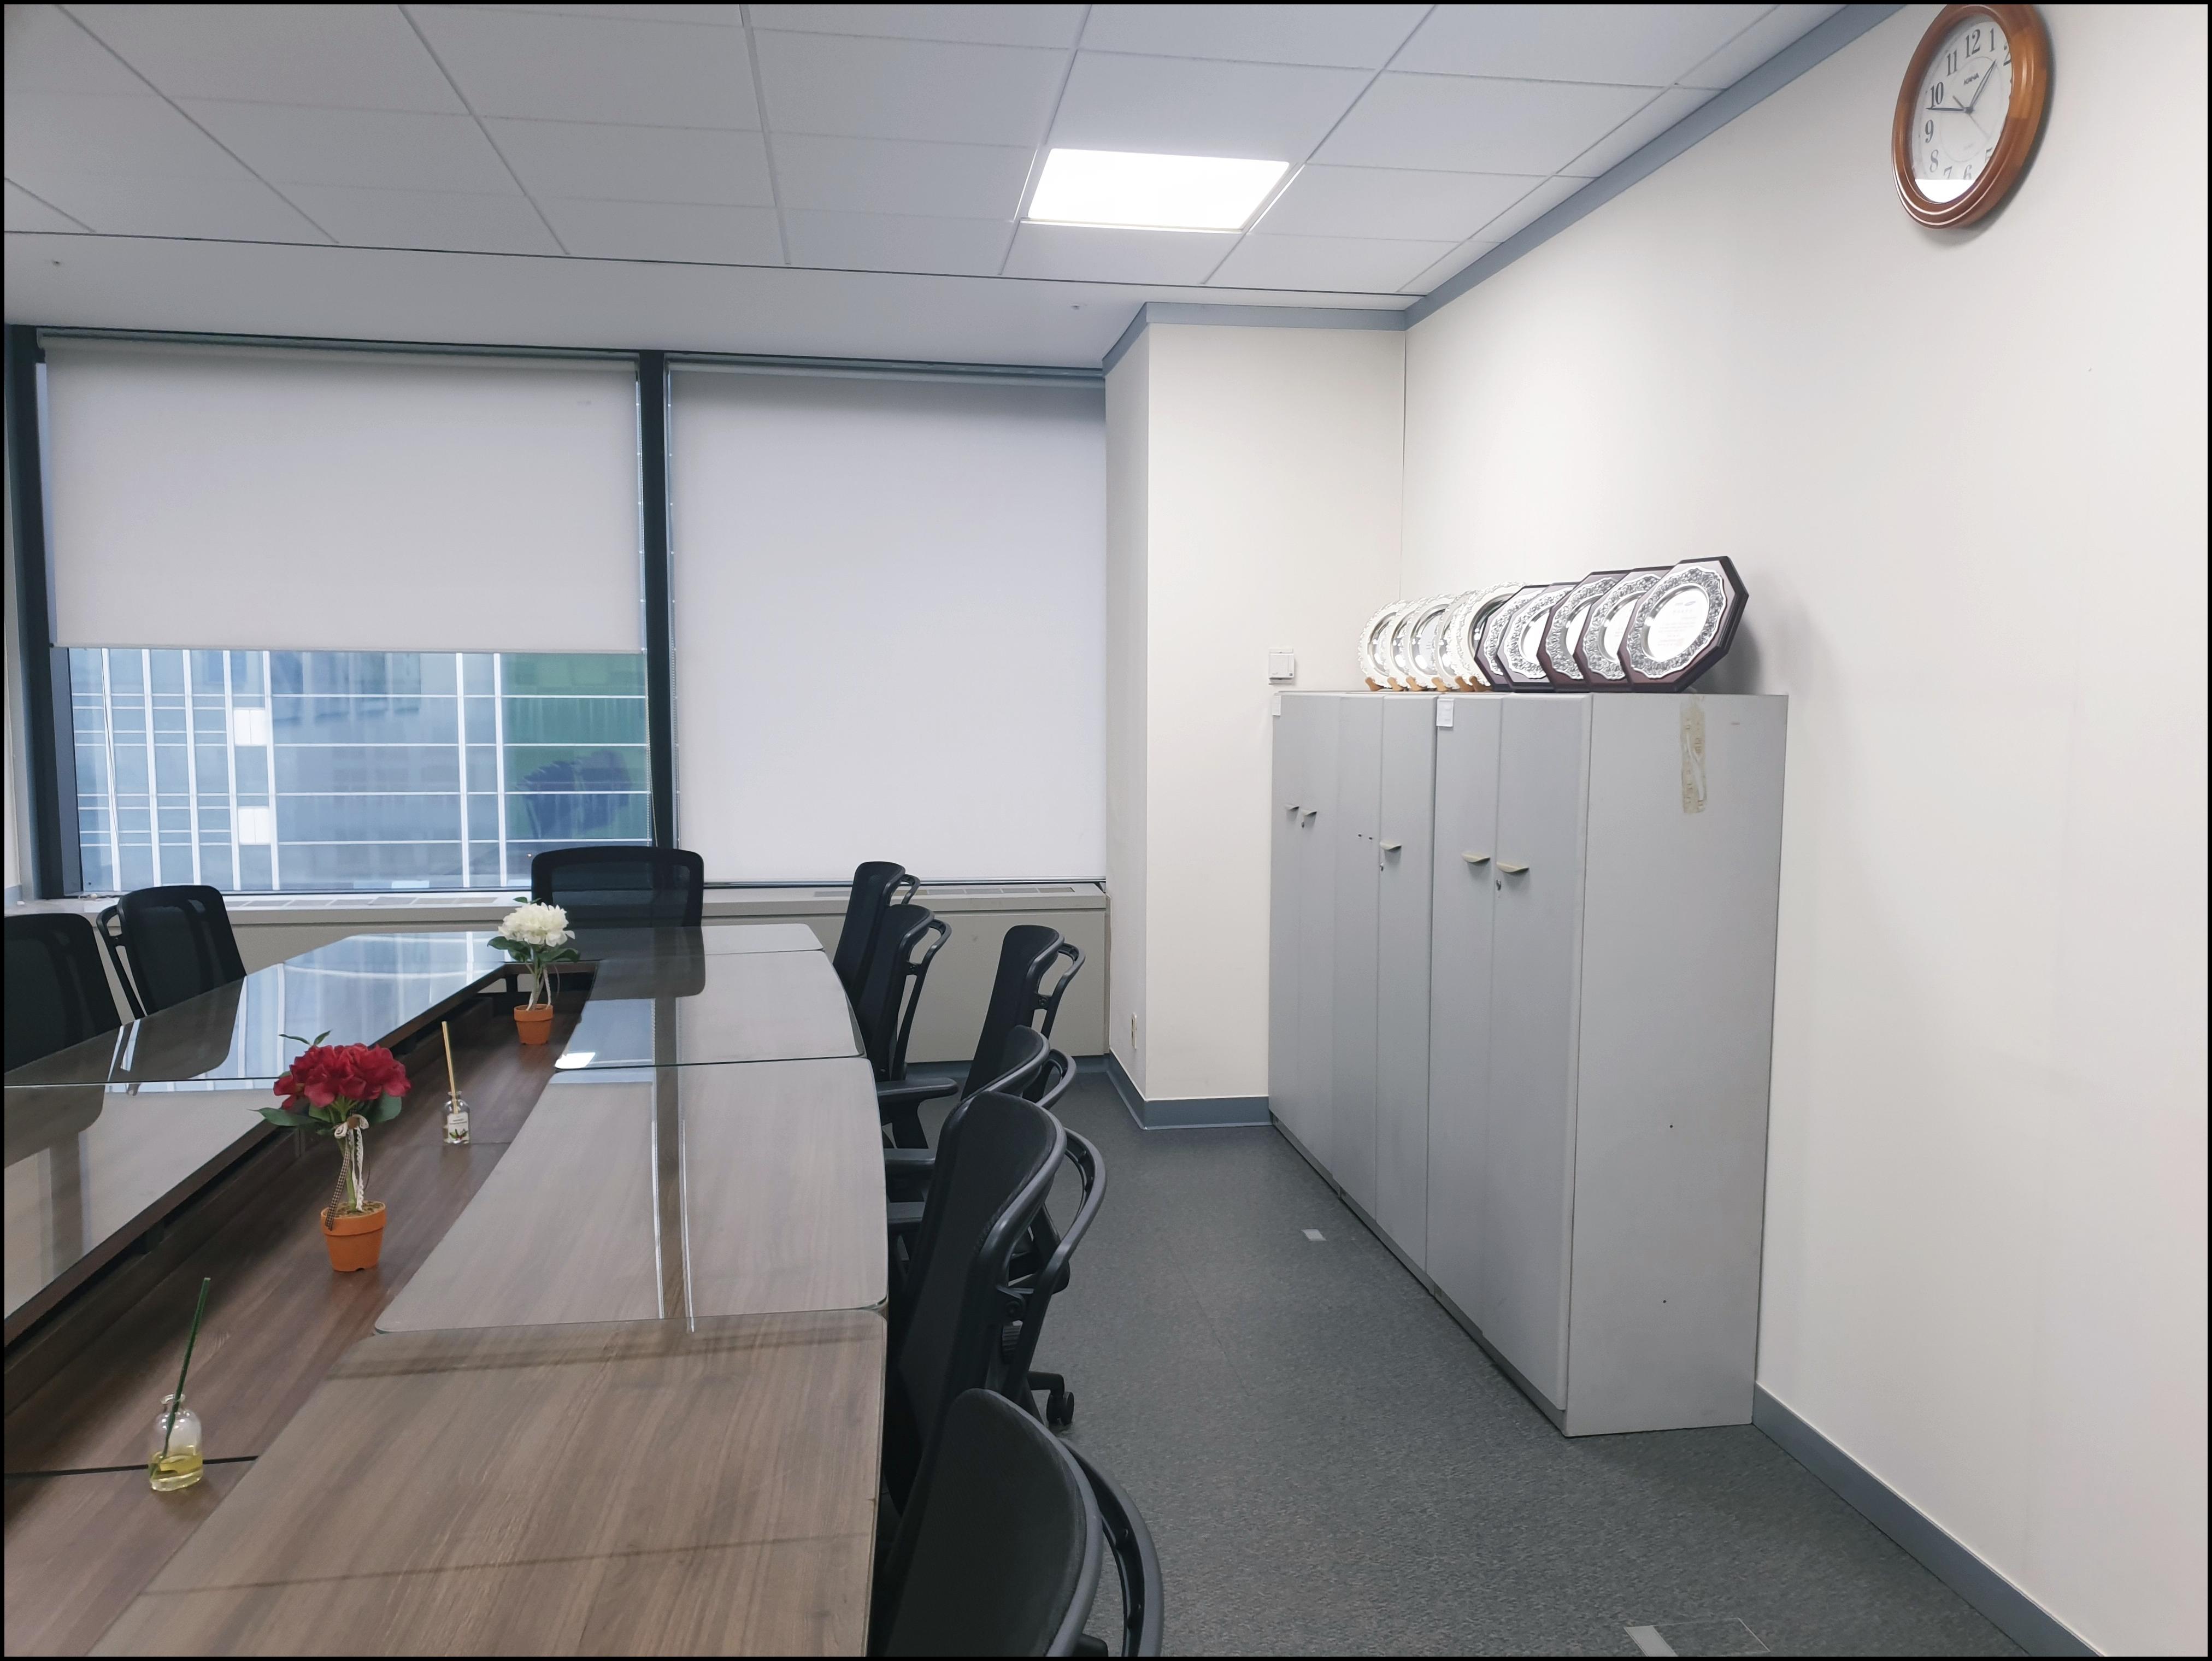 9 번째 사진 제2종 근린생활시설 에  연면적 ㎡ 일반 사무실 건물 석면조사 현장